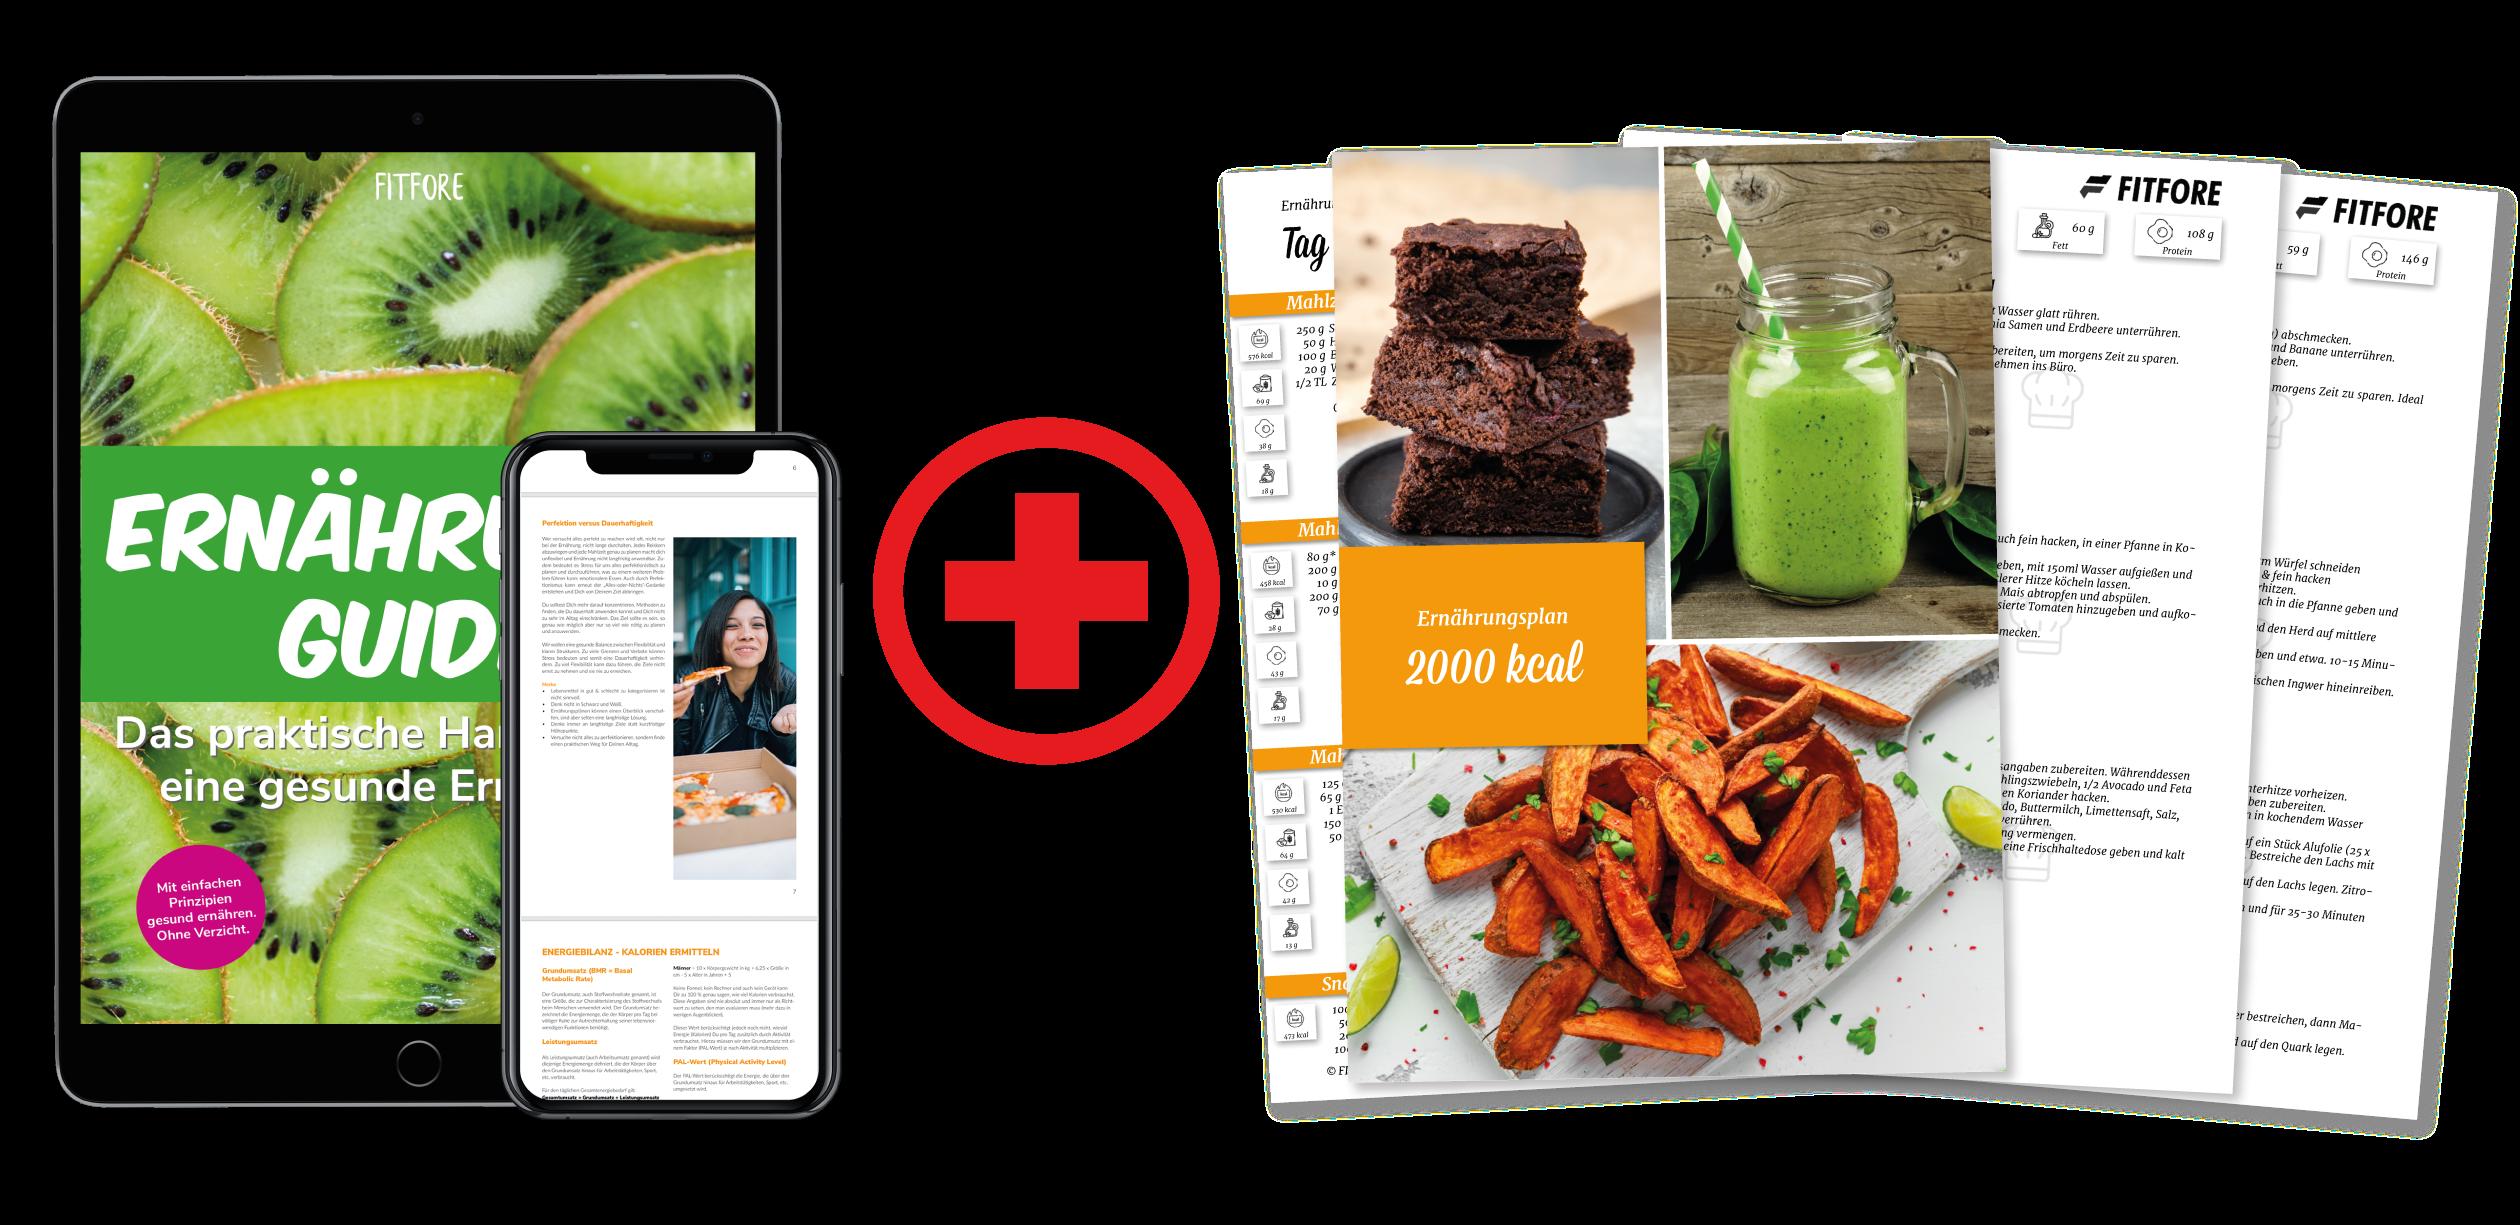 Ernährungsguide eBook + Ernährungspläne